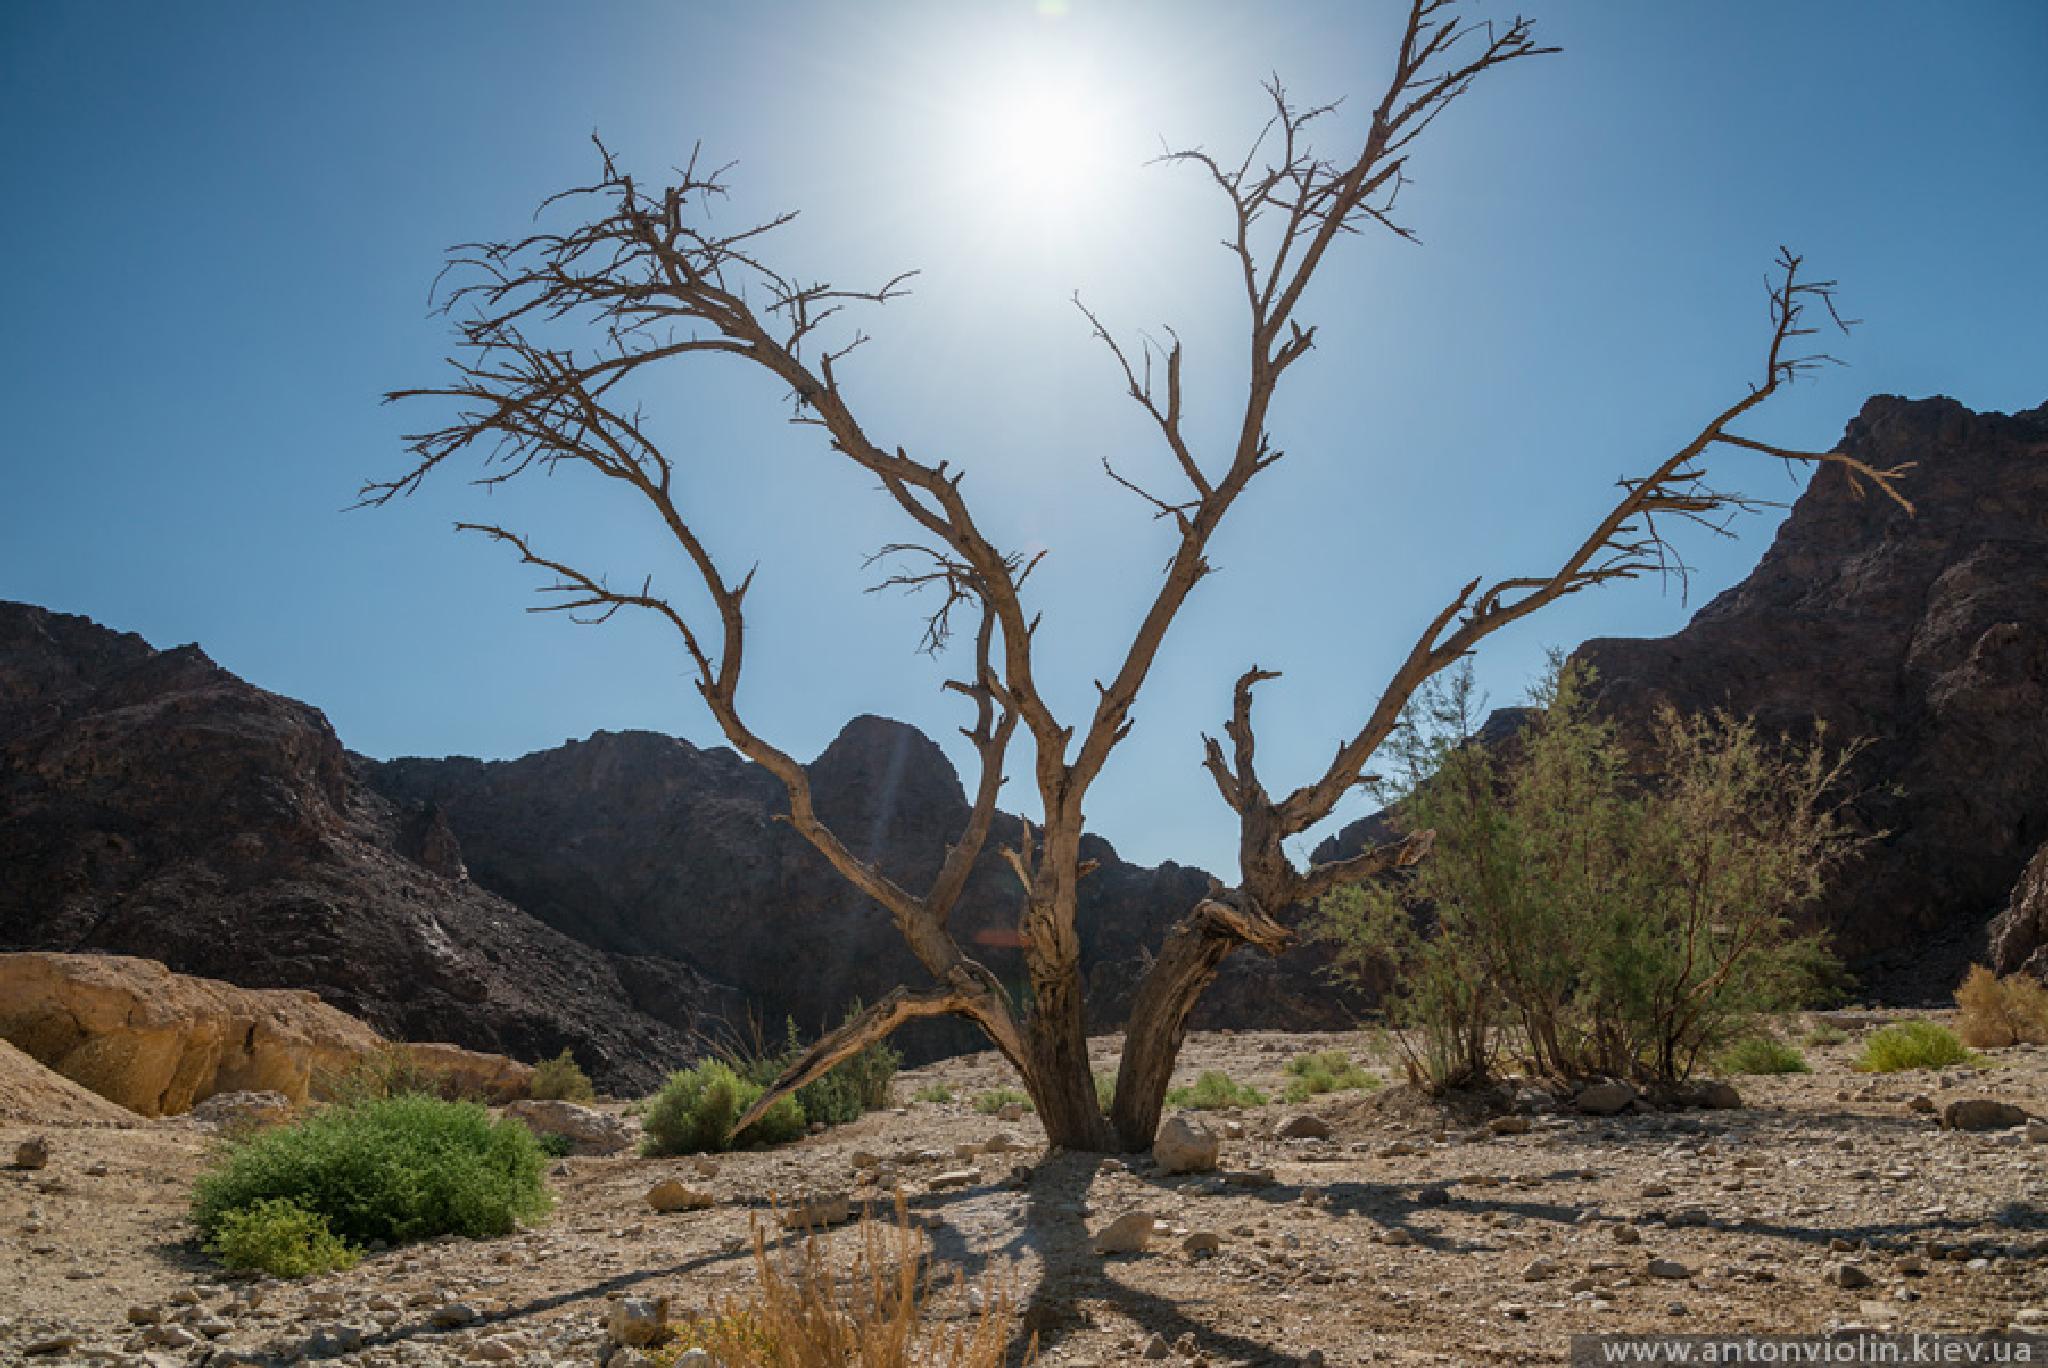 Under hot sun by Anton Violin